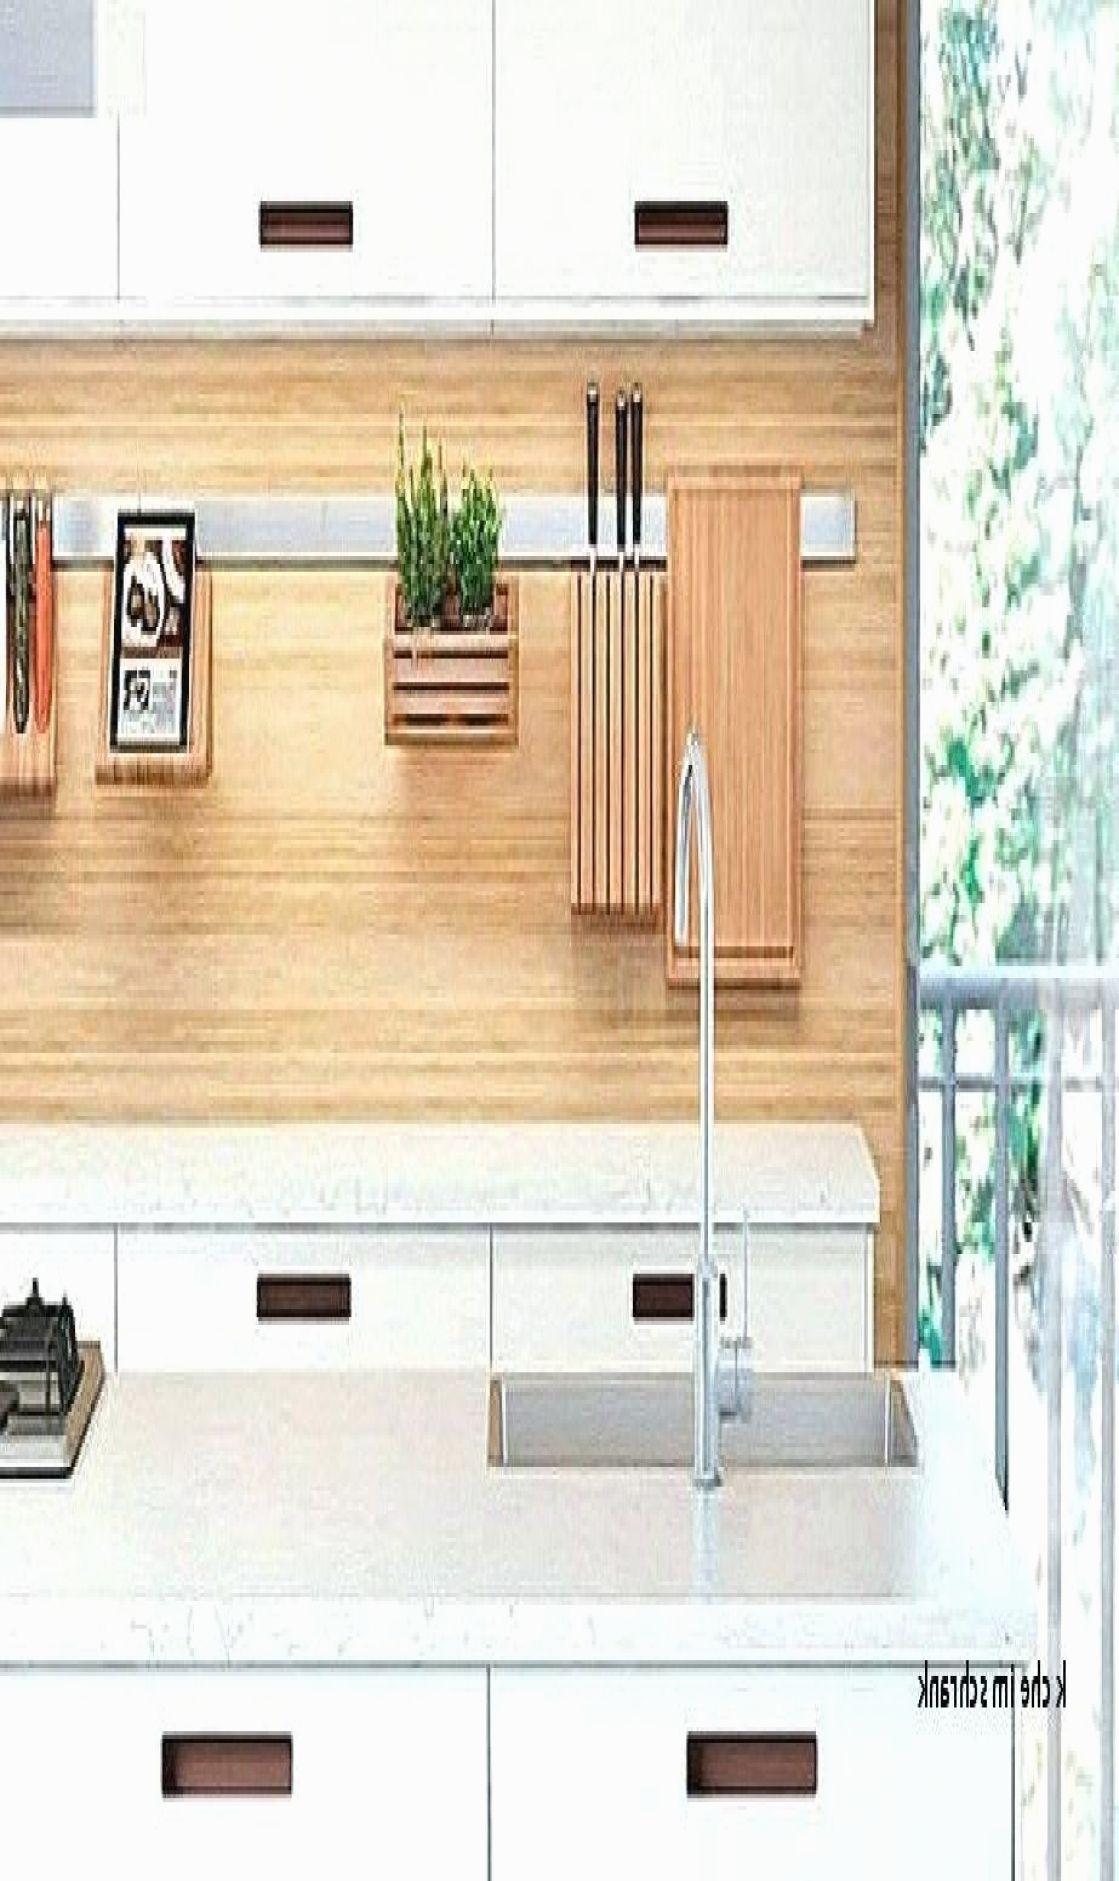 21 Luxus Pax Schrank Konfigurieren In 2020 Schrank Konfigurieren Ikea Schrank Pax Schrank